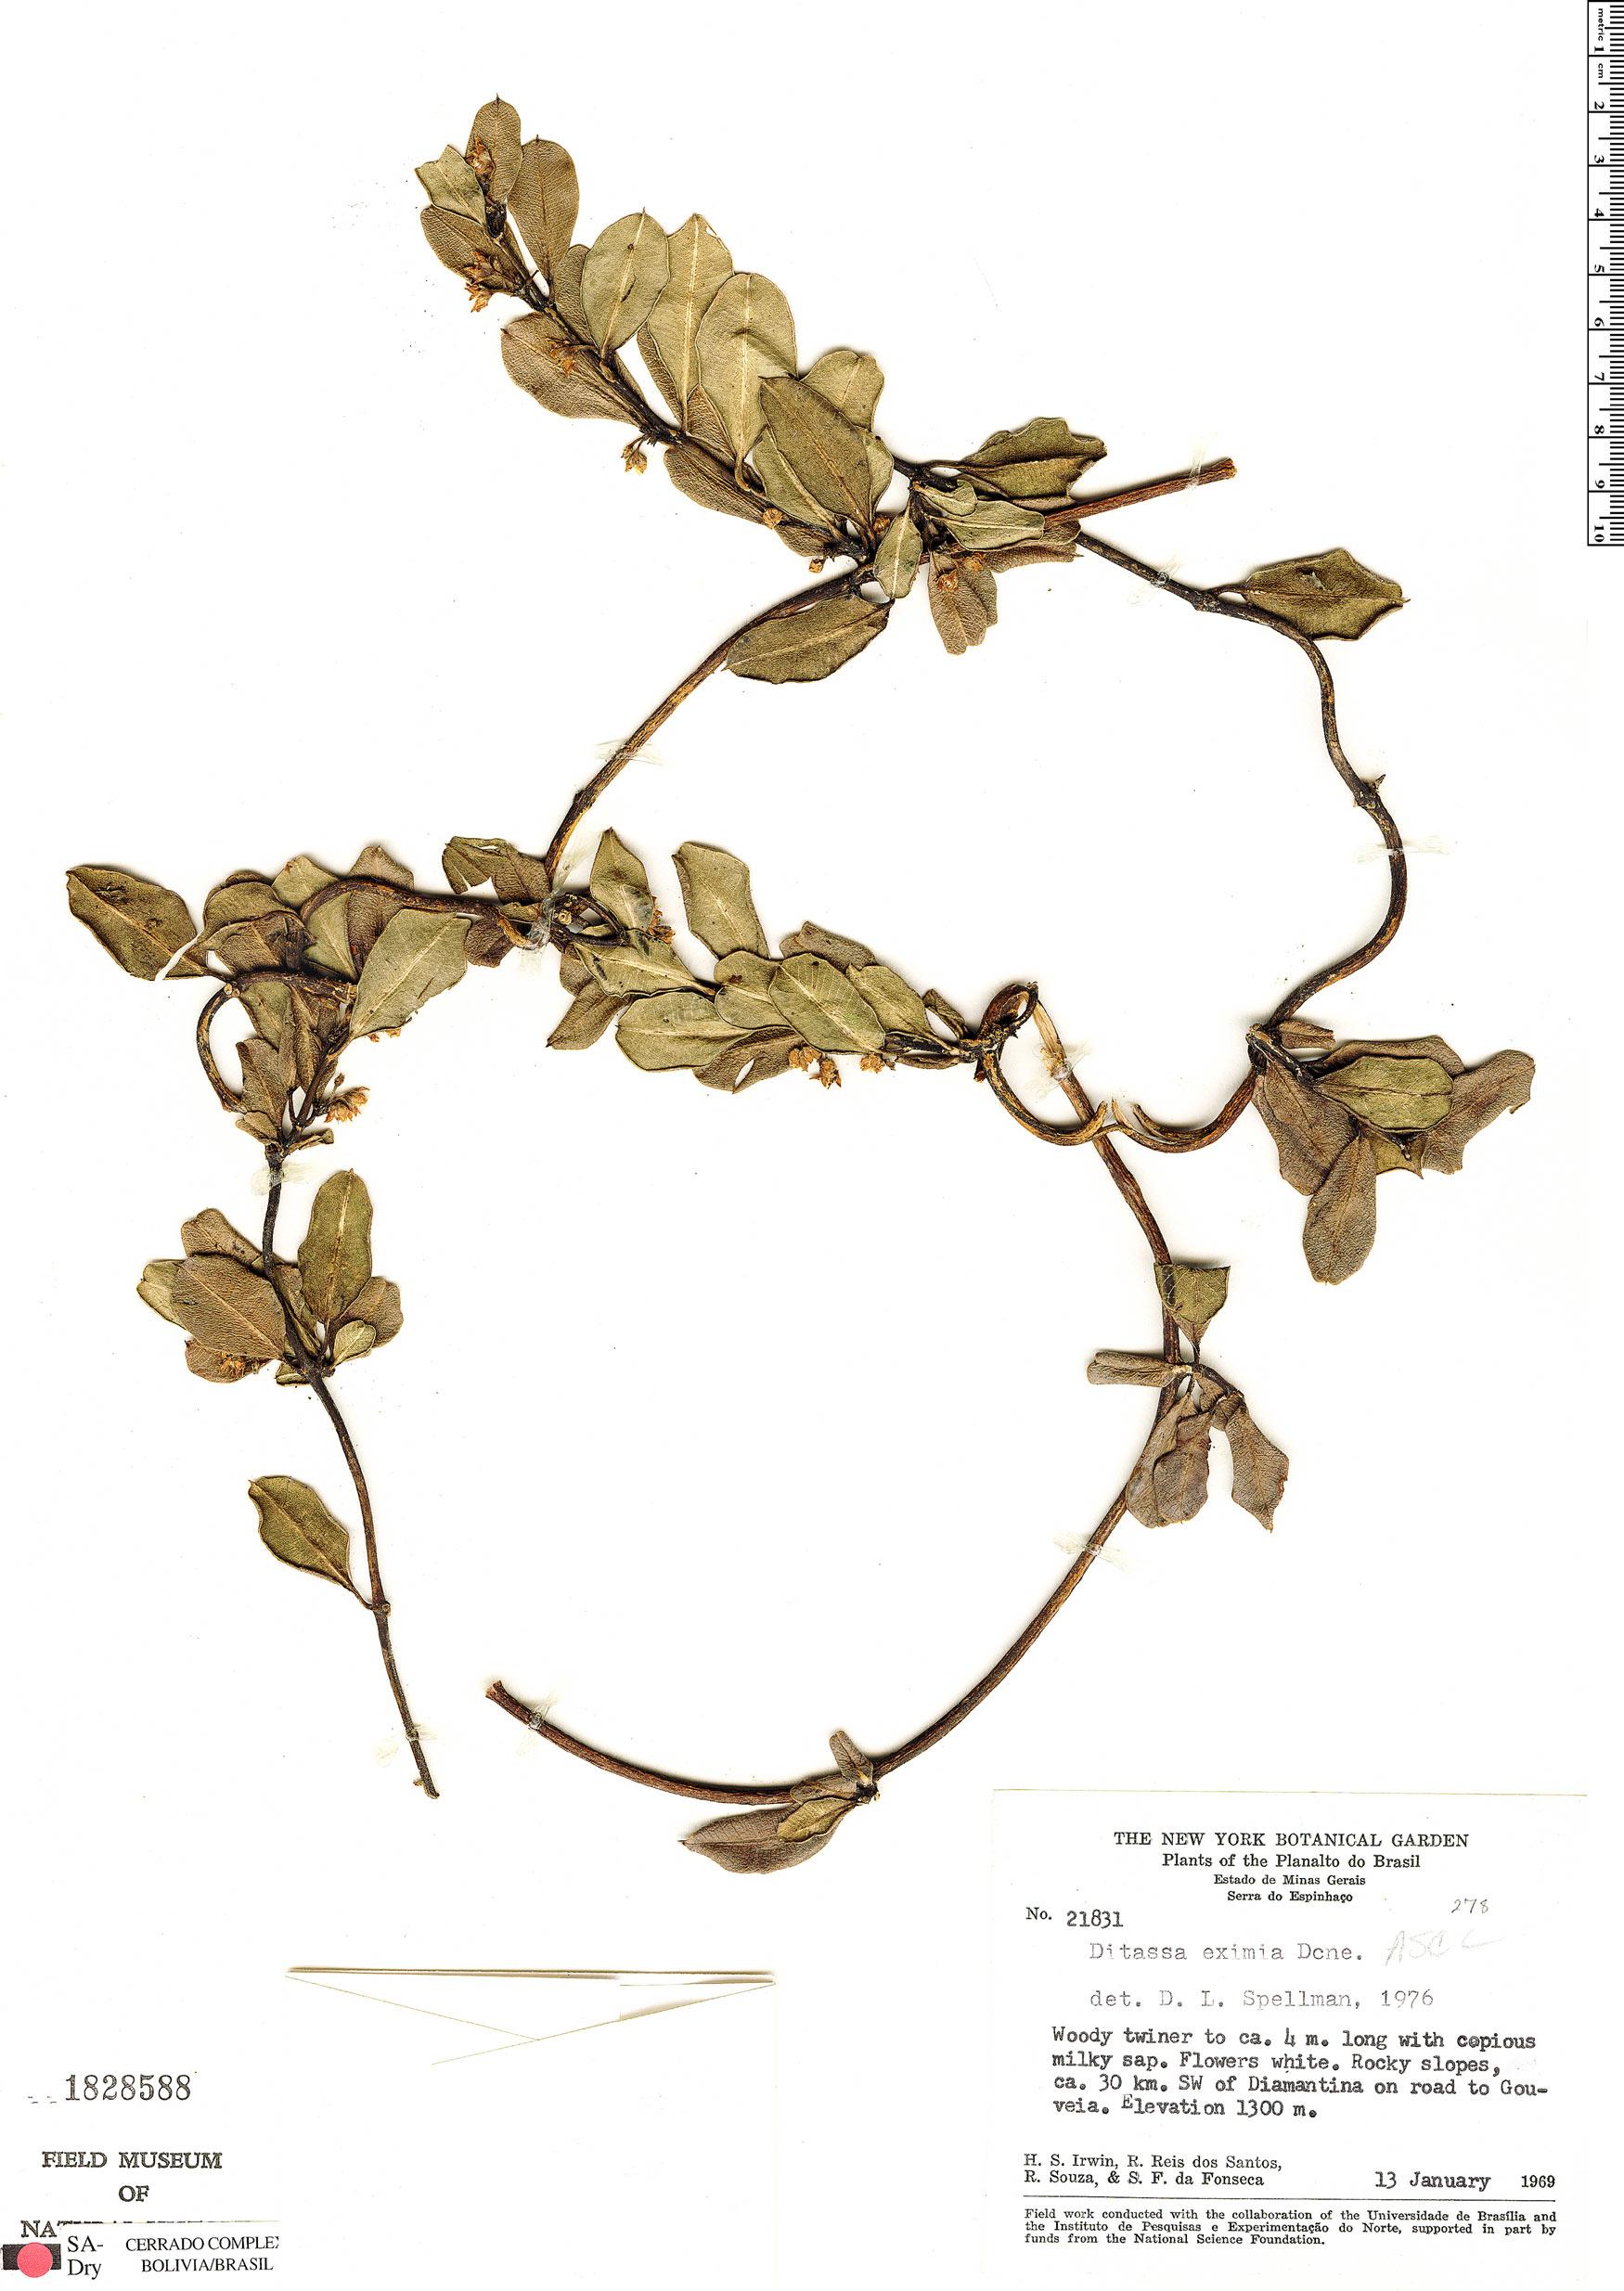 Specimen: Ditassa eximia